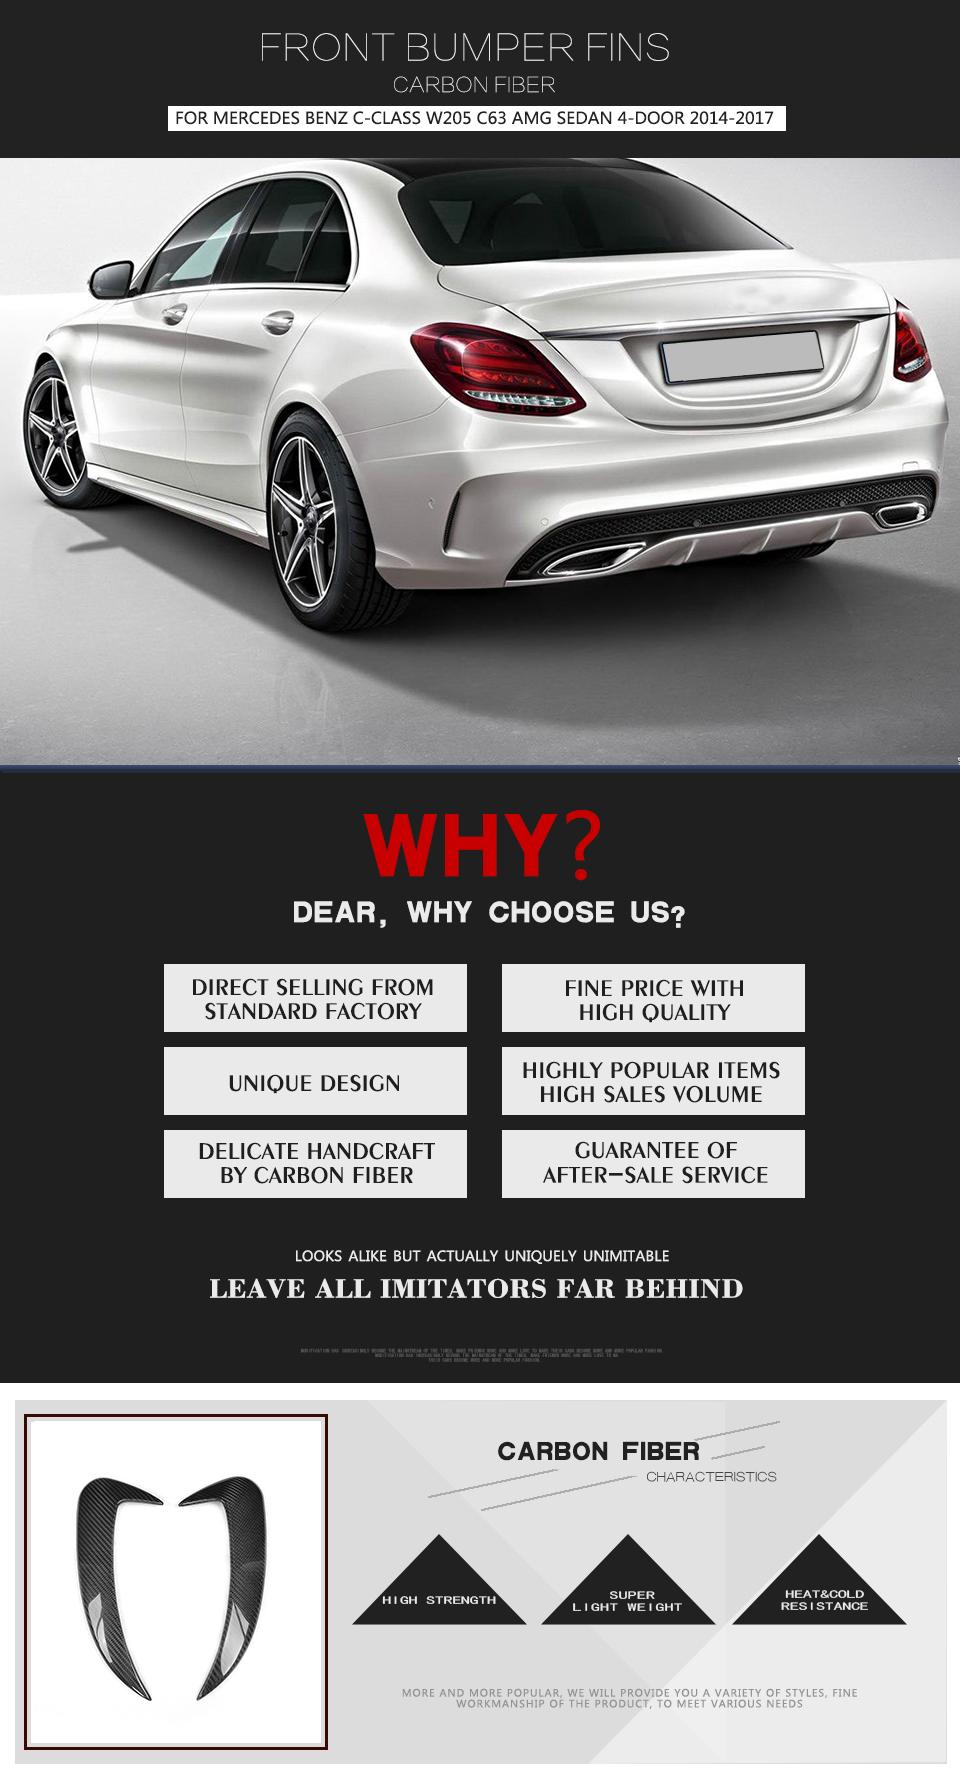 Carbon C63 Front Rear Vents Fins Trim Factory Fit for Benz W205 C63AMG 4D 15-17